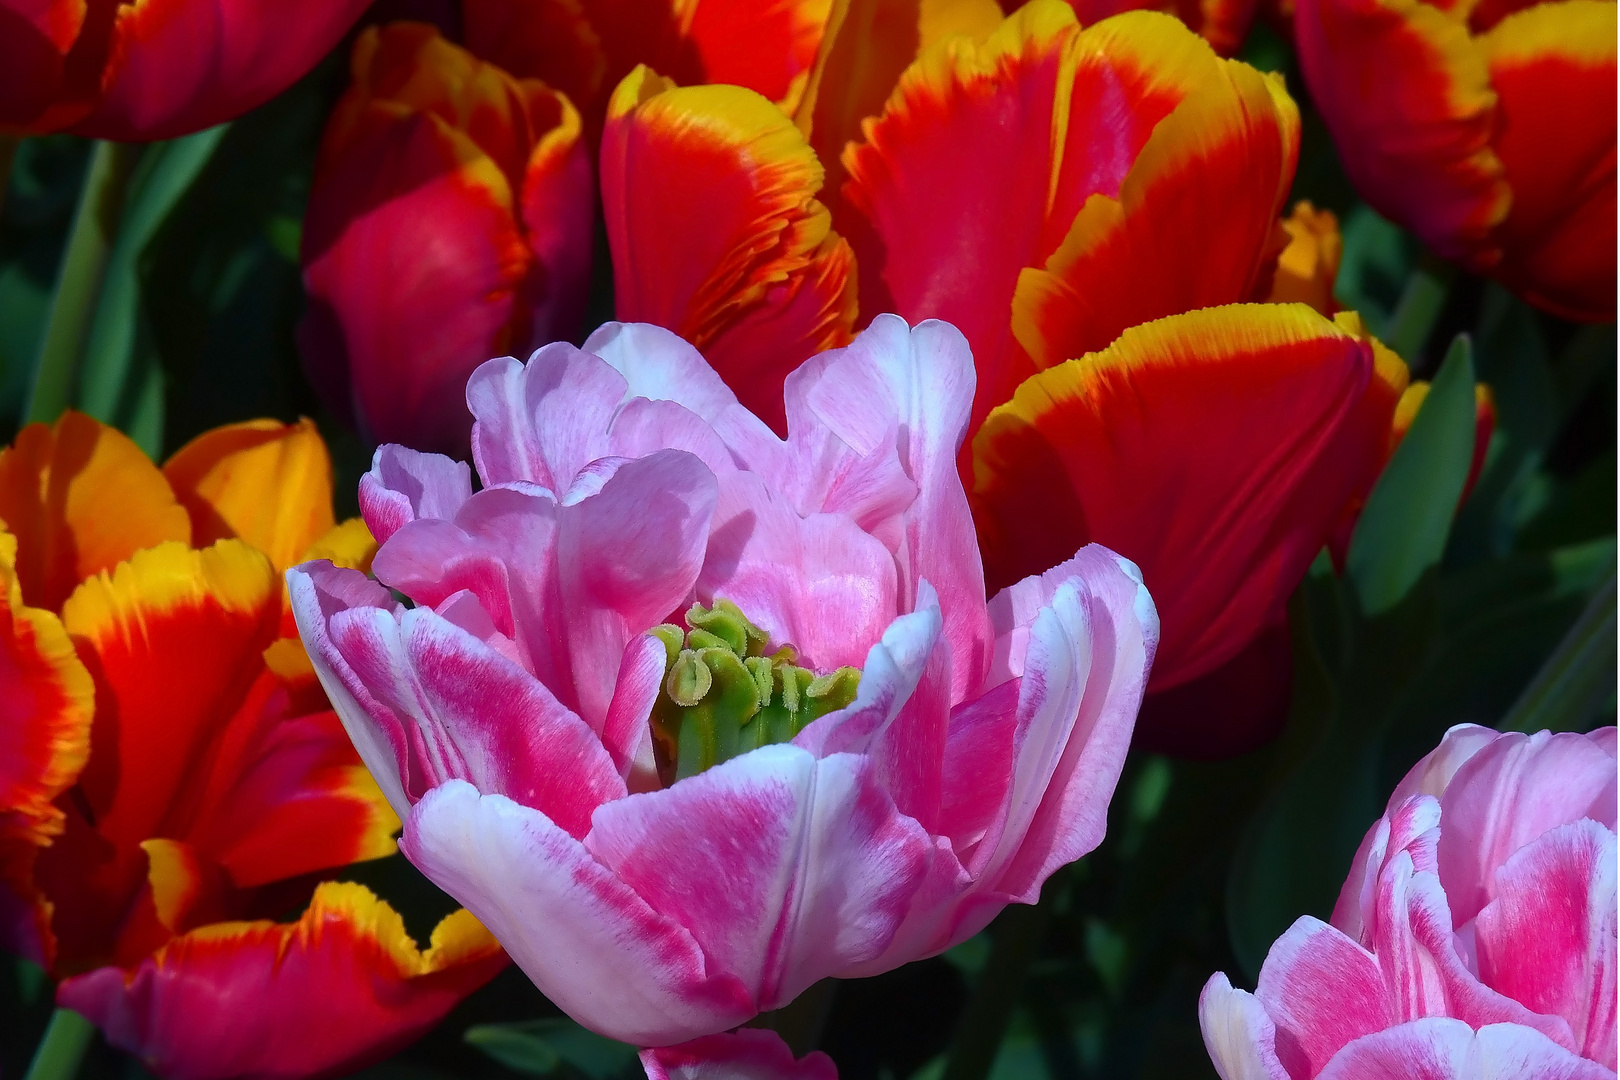 Tulpenvielfalt im Dycker Schlossgarten 19